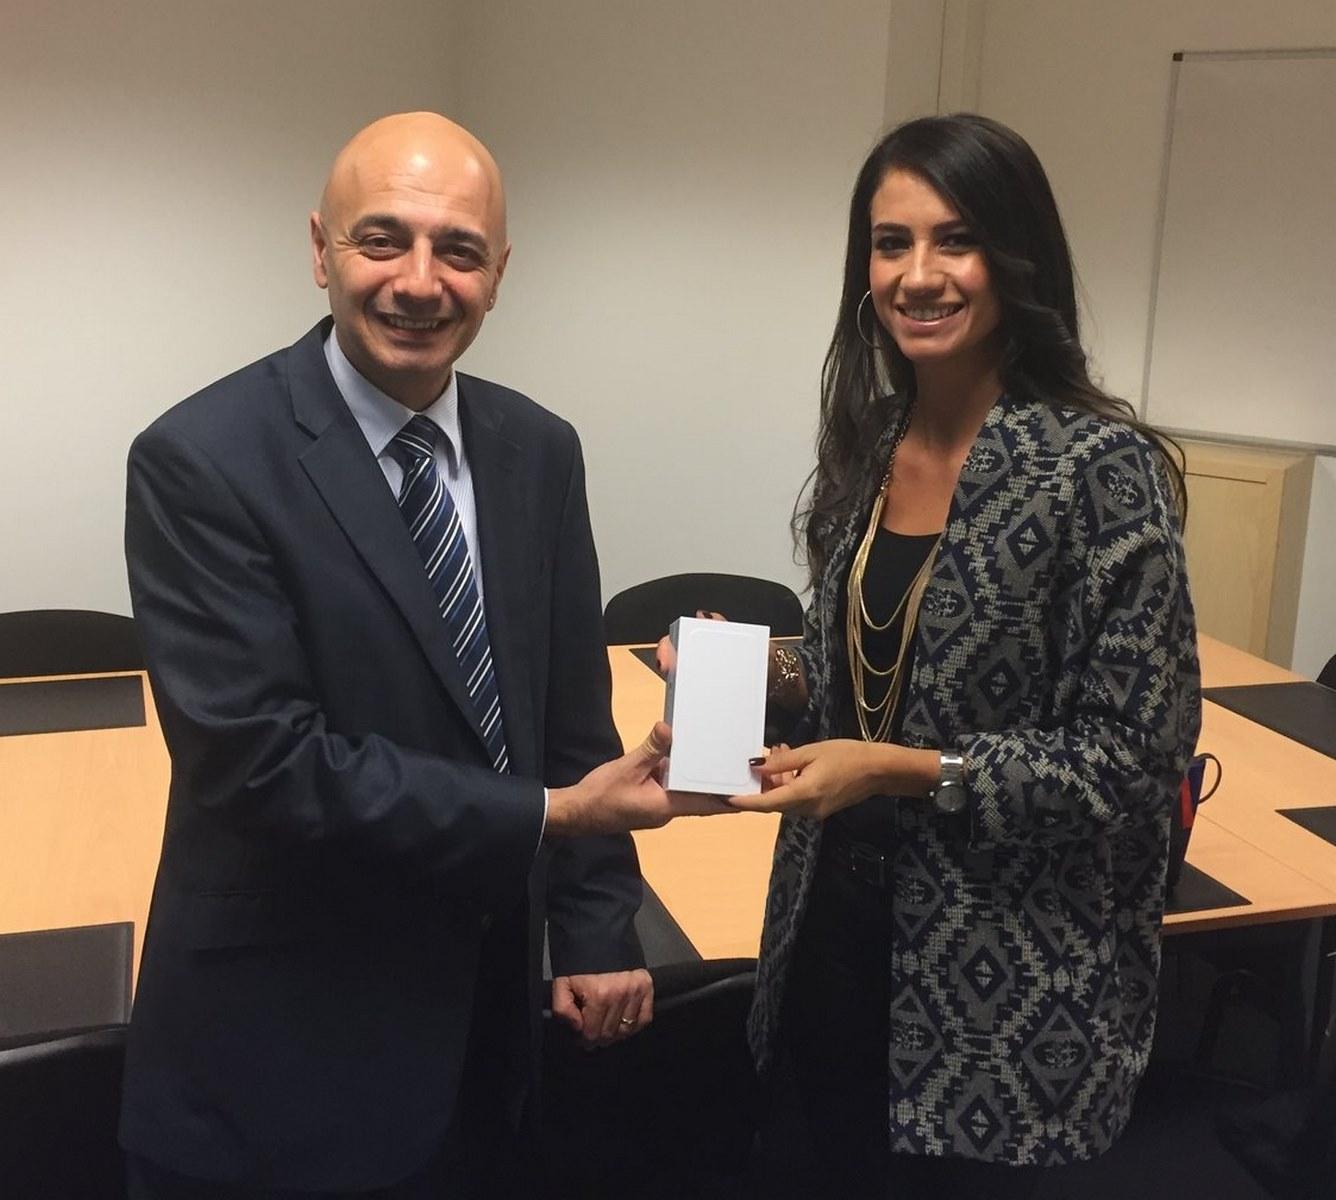 Monsieur Rotto-Balli, membre du Conseil de fondation NODE LPP, remet l'iPhone 6 à Madame Fernanda De Donno, spécialiste RH à la RTS.